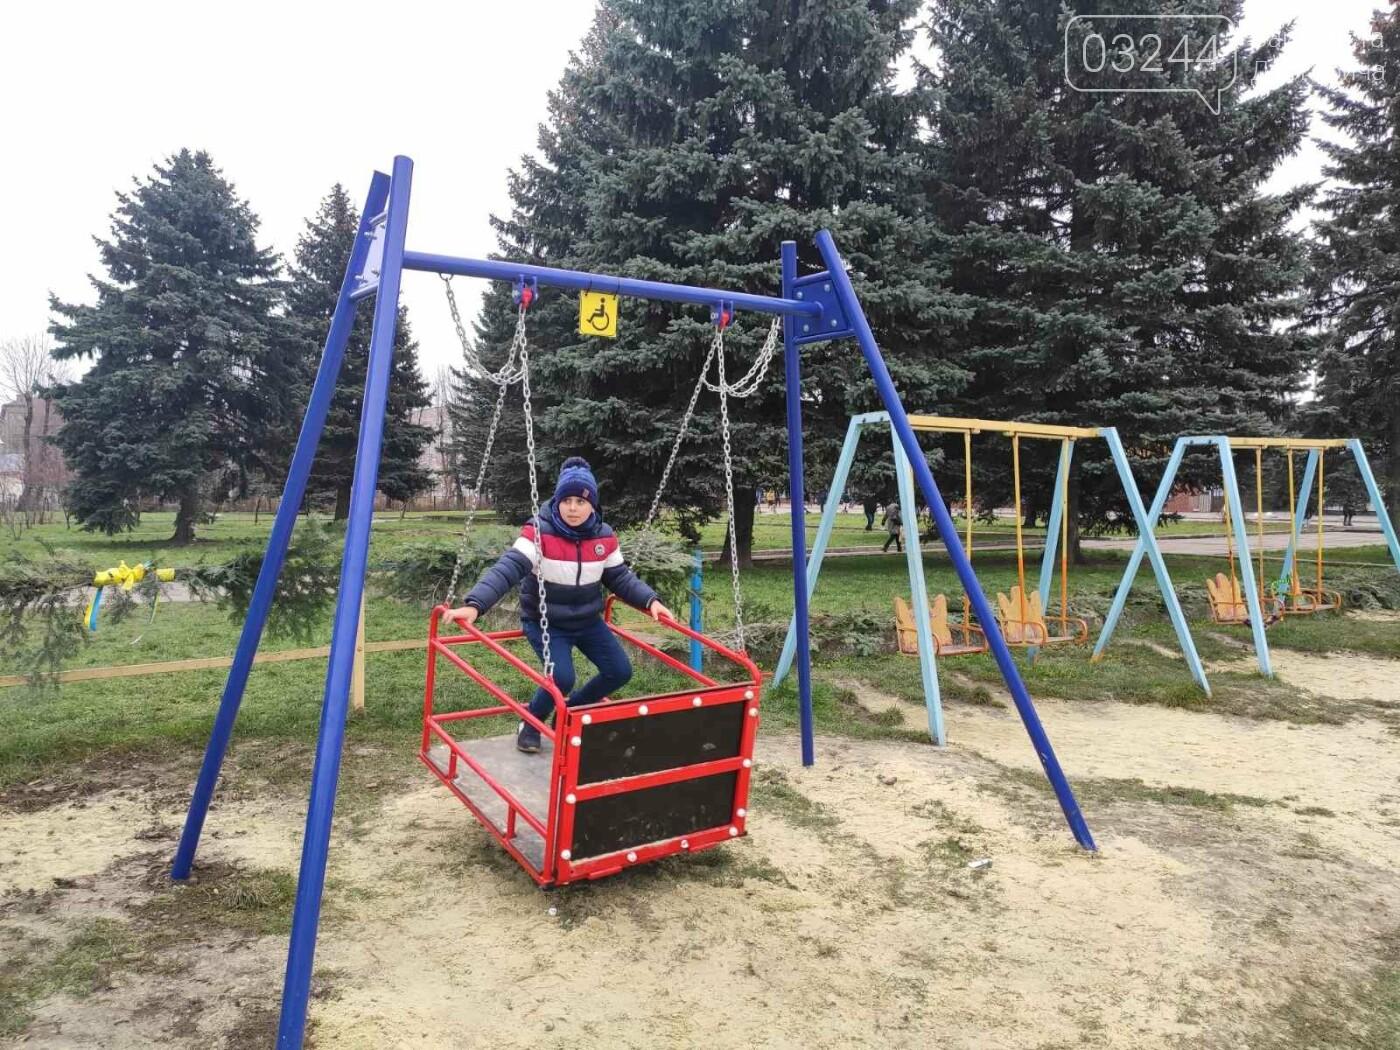 У Дрогобичі відкрили інклюзивний дитячий майданчик для особливих діток, фото-8